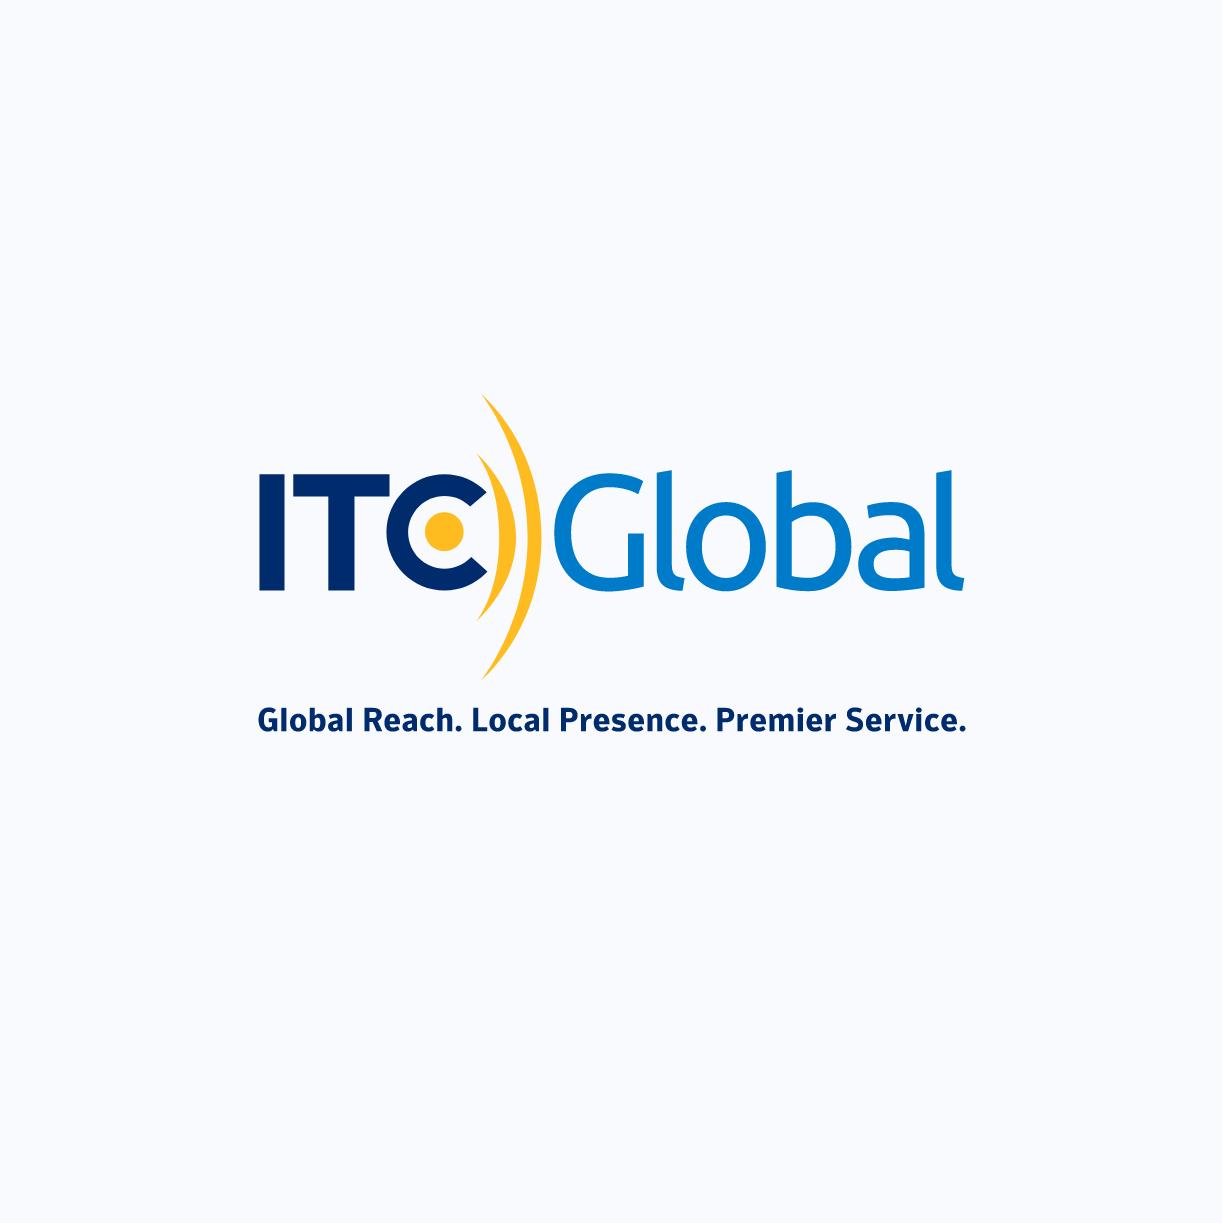 logo itc global left